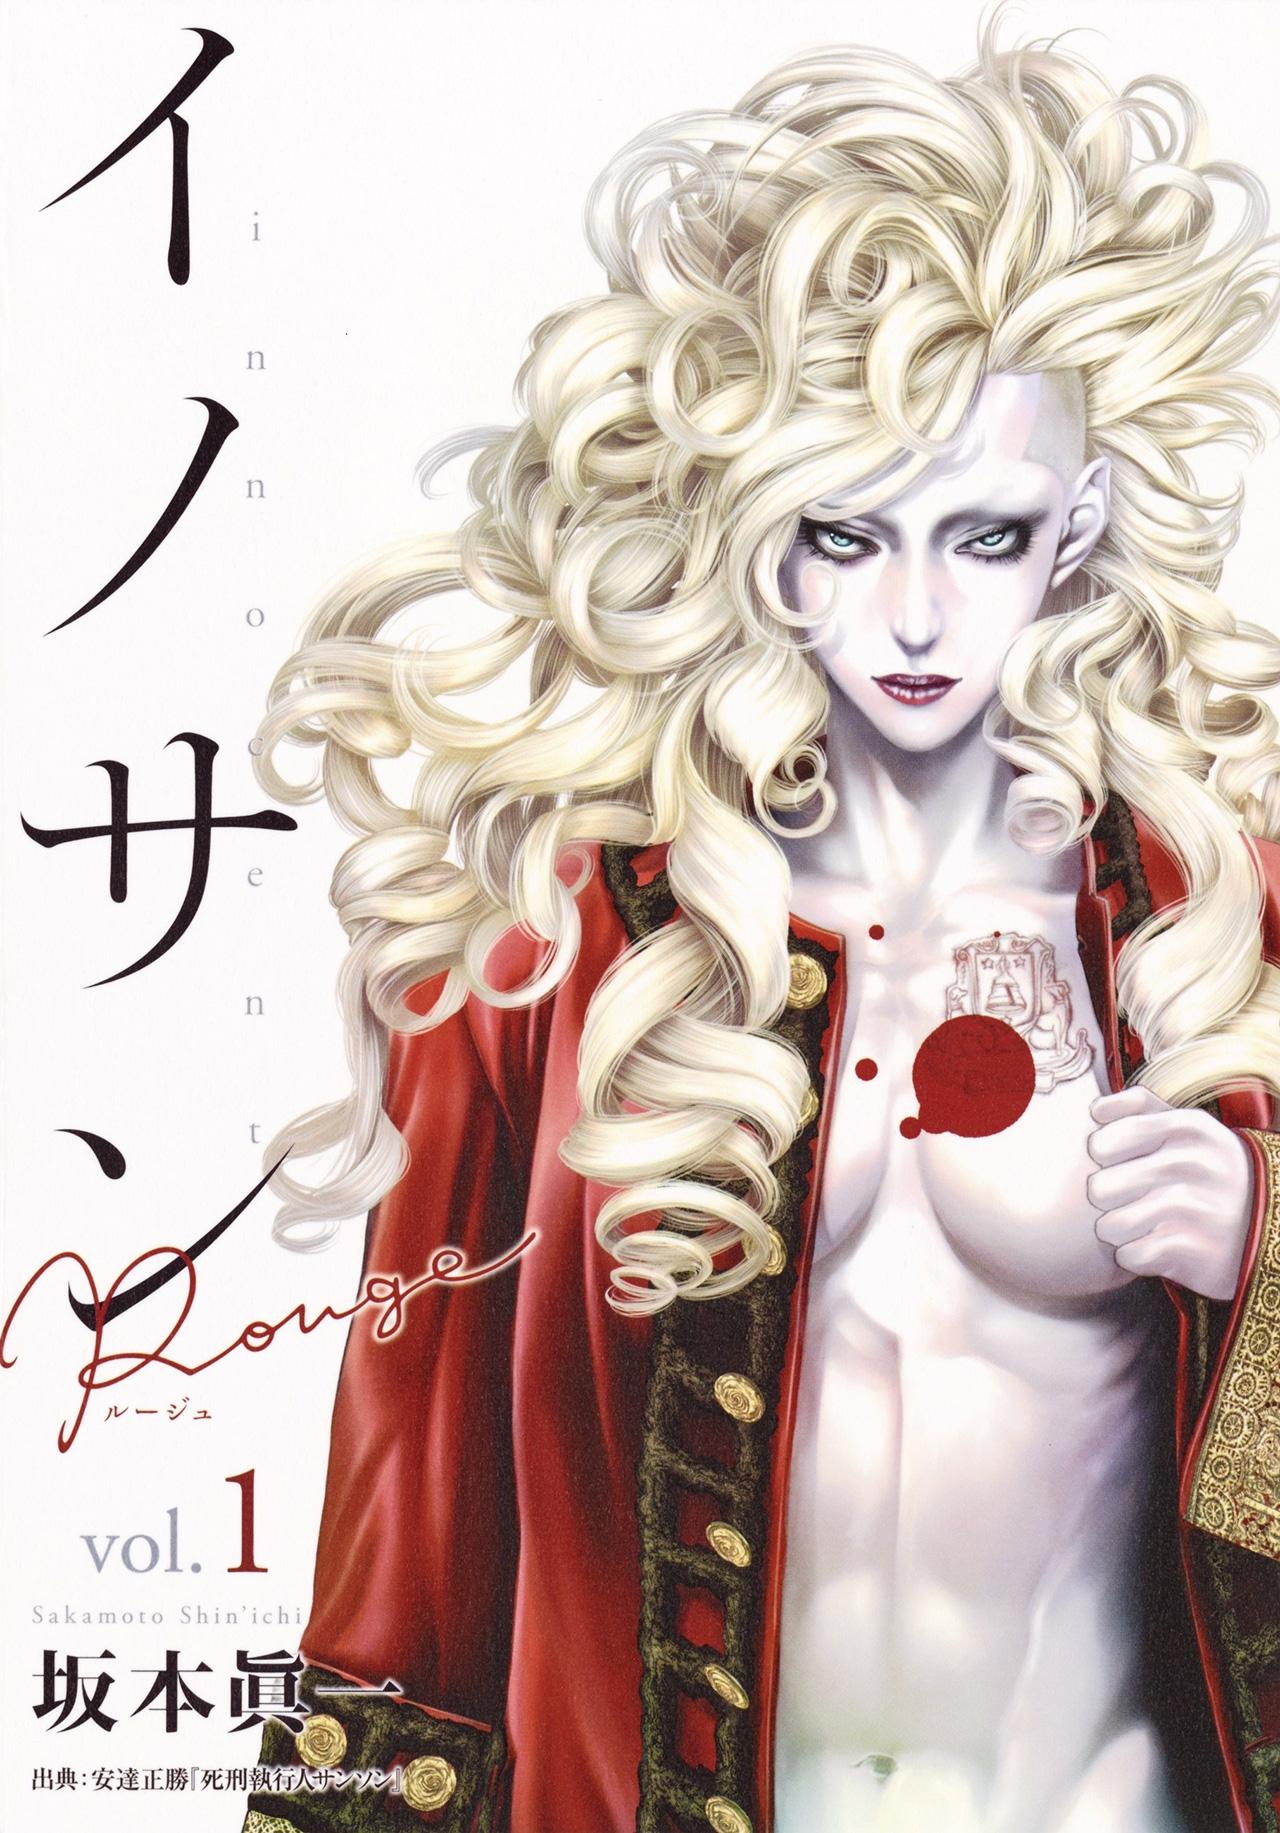 Capa do volume 1 de Innocent Rouge